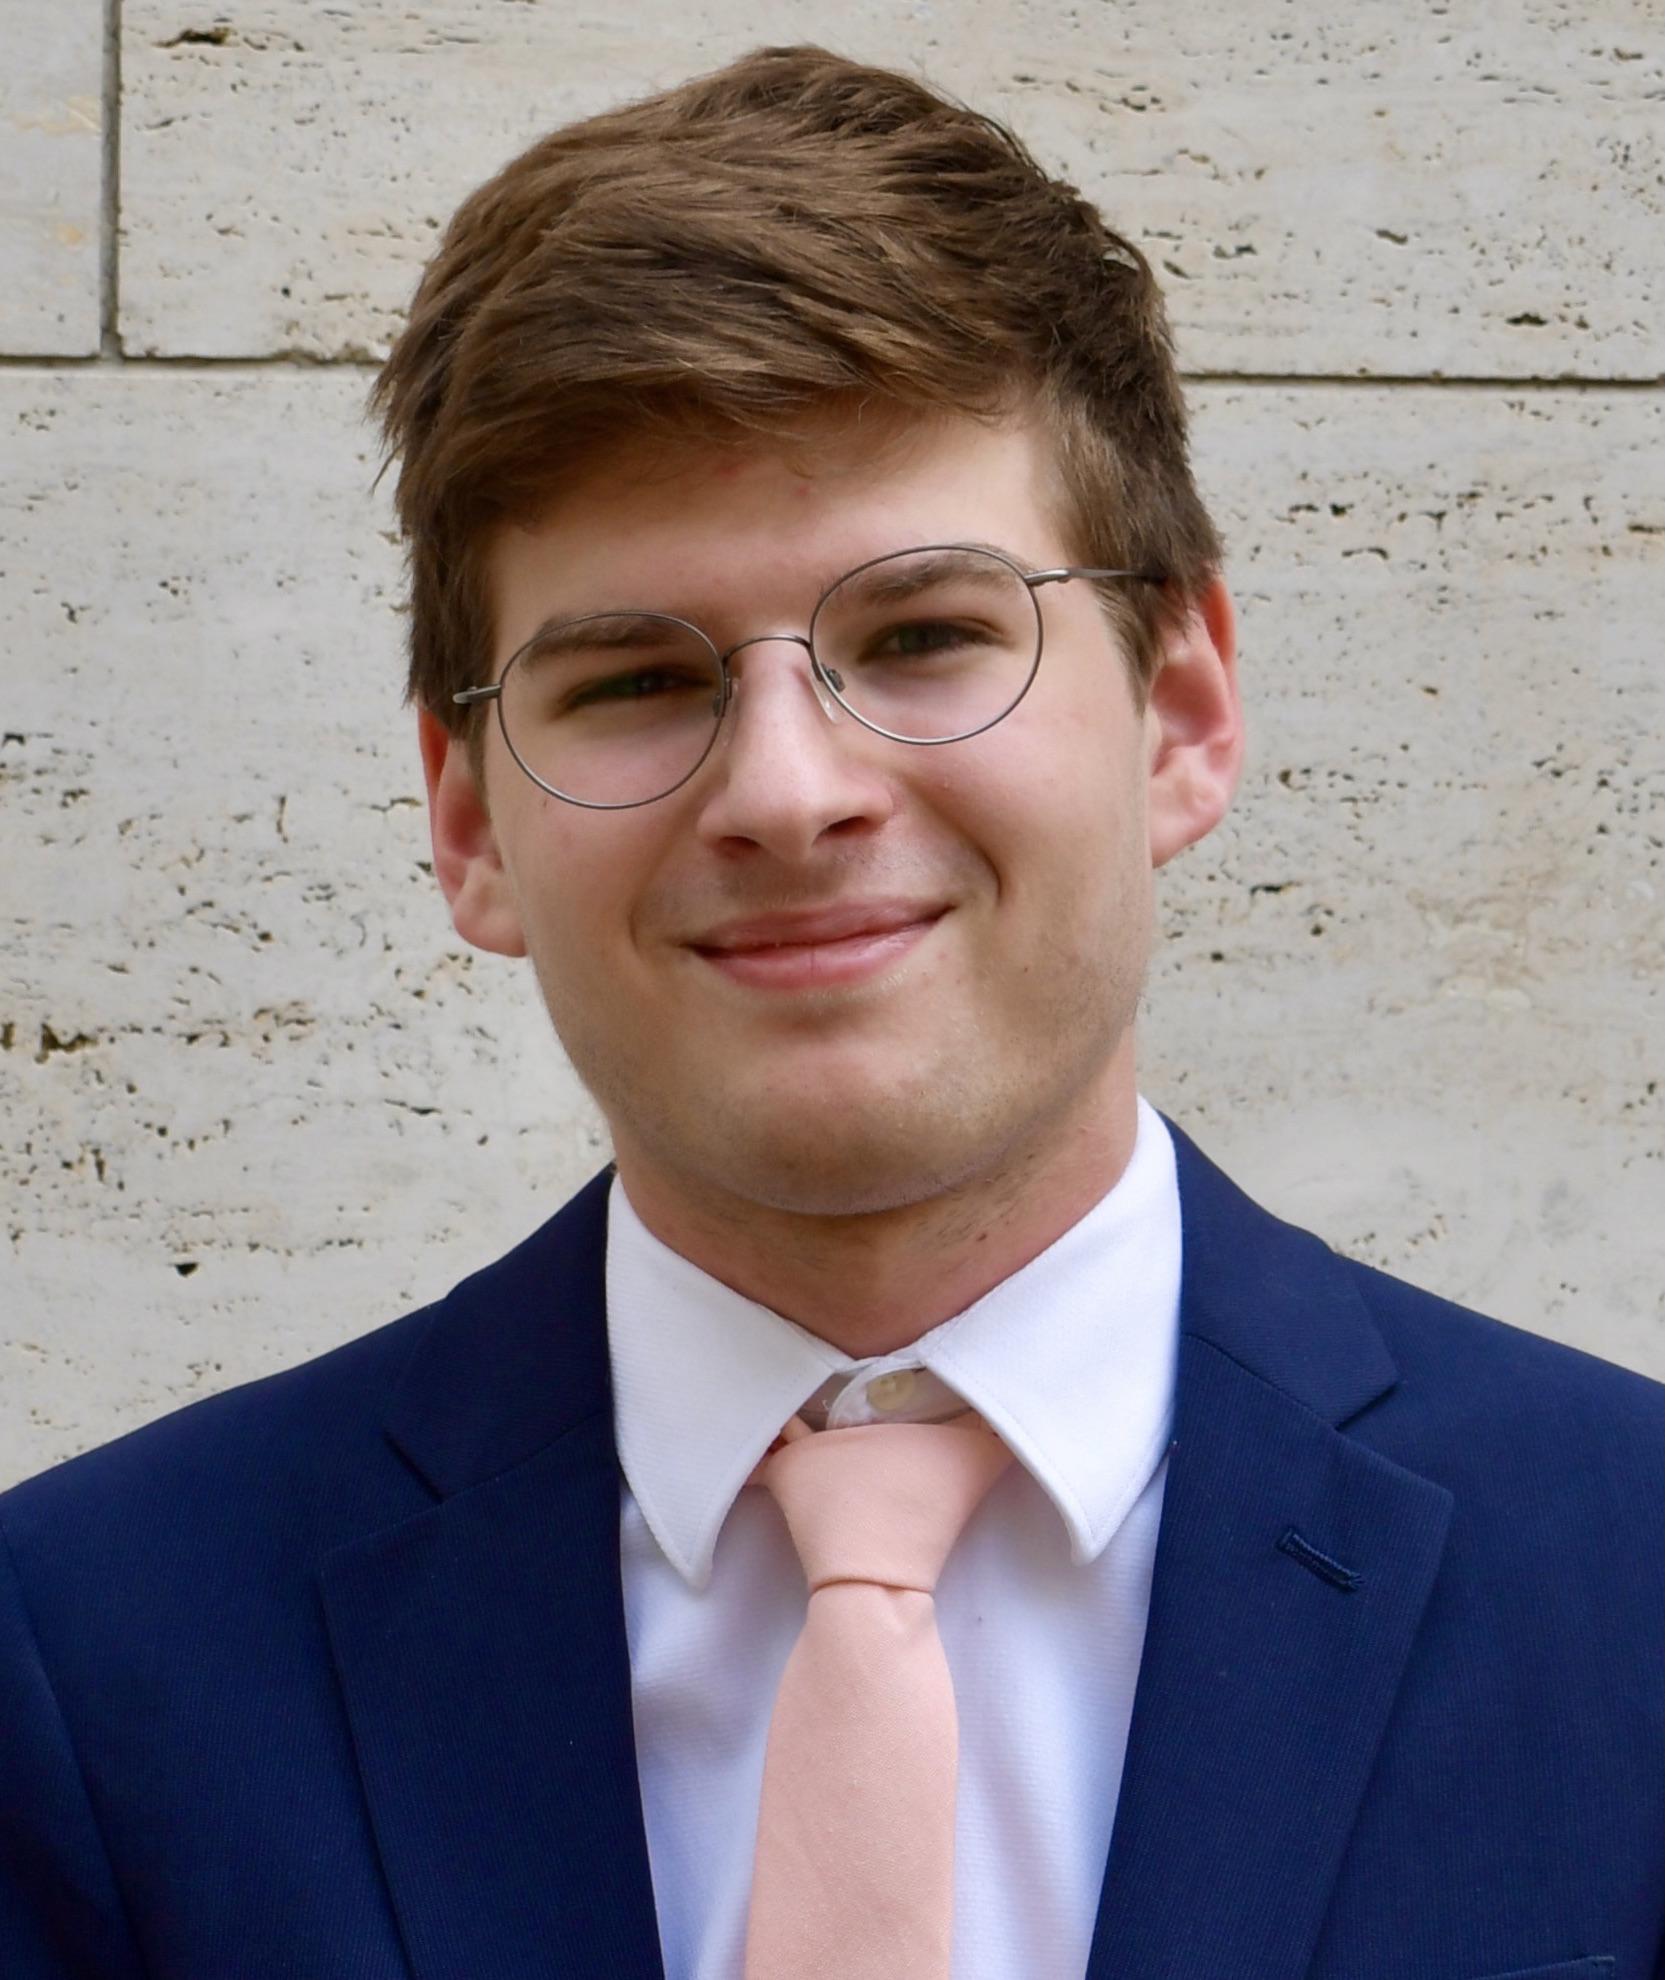 Zach Brusewitz